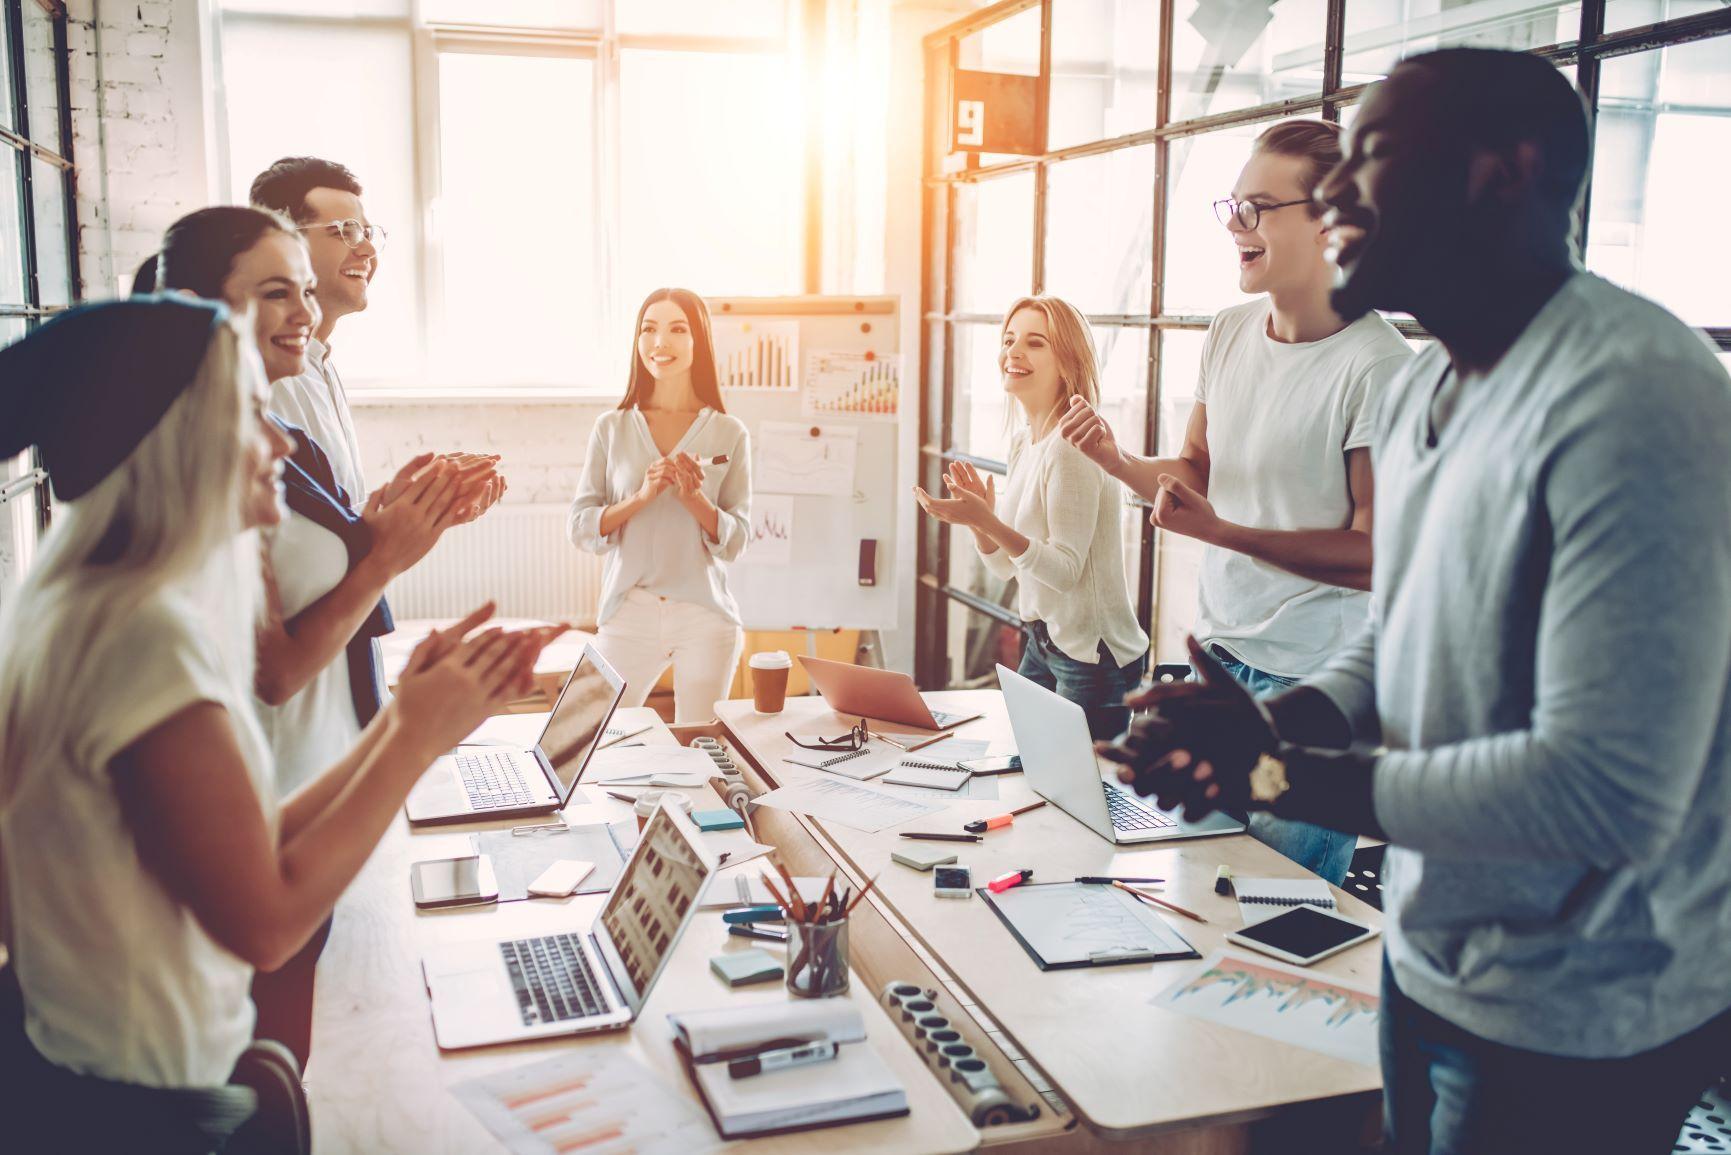 Unternehmenskultur als einendes Element